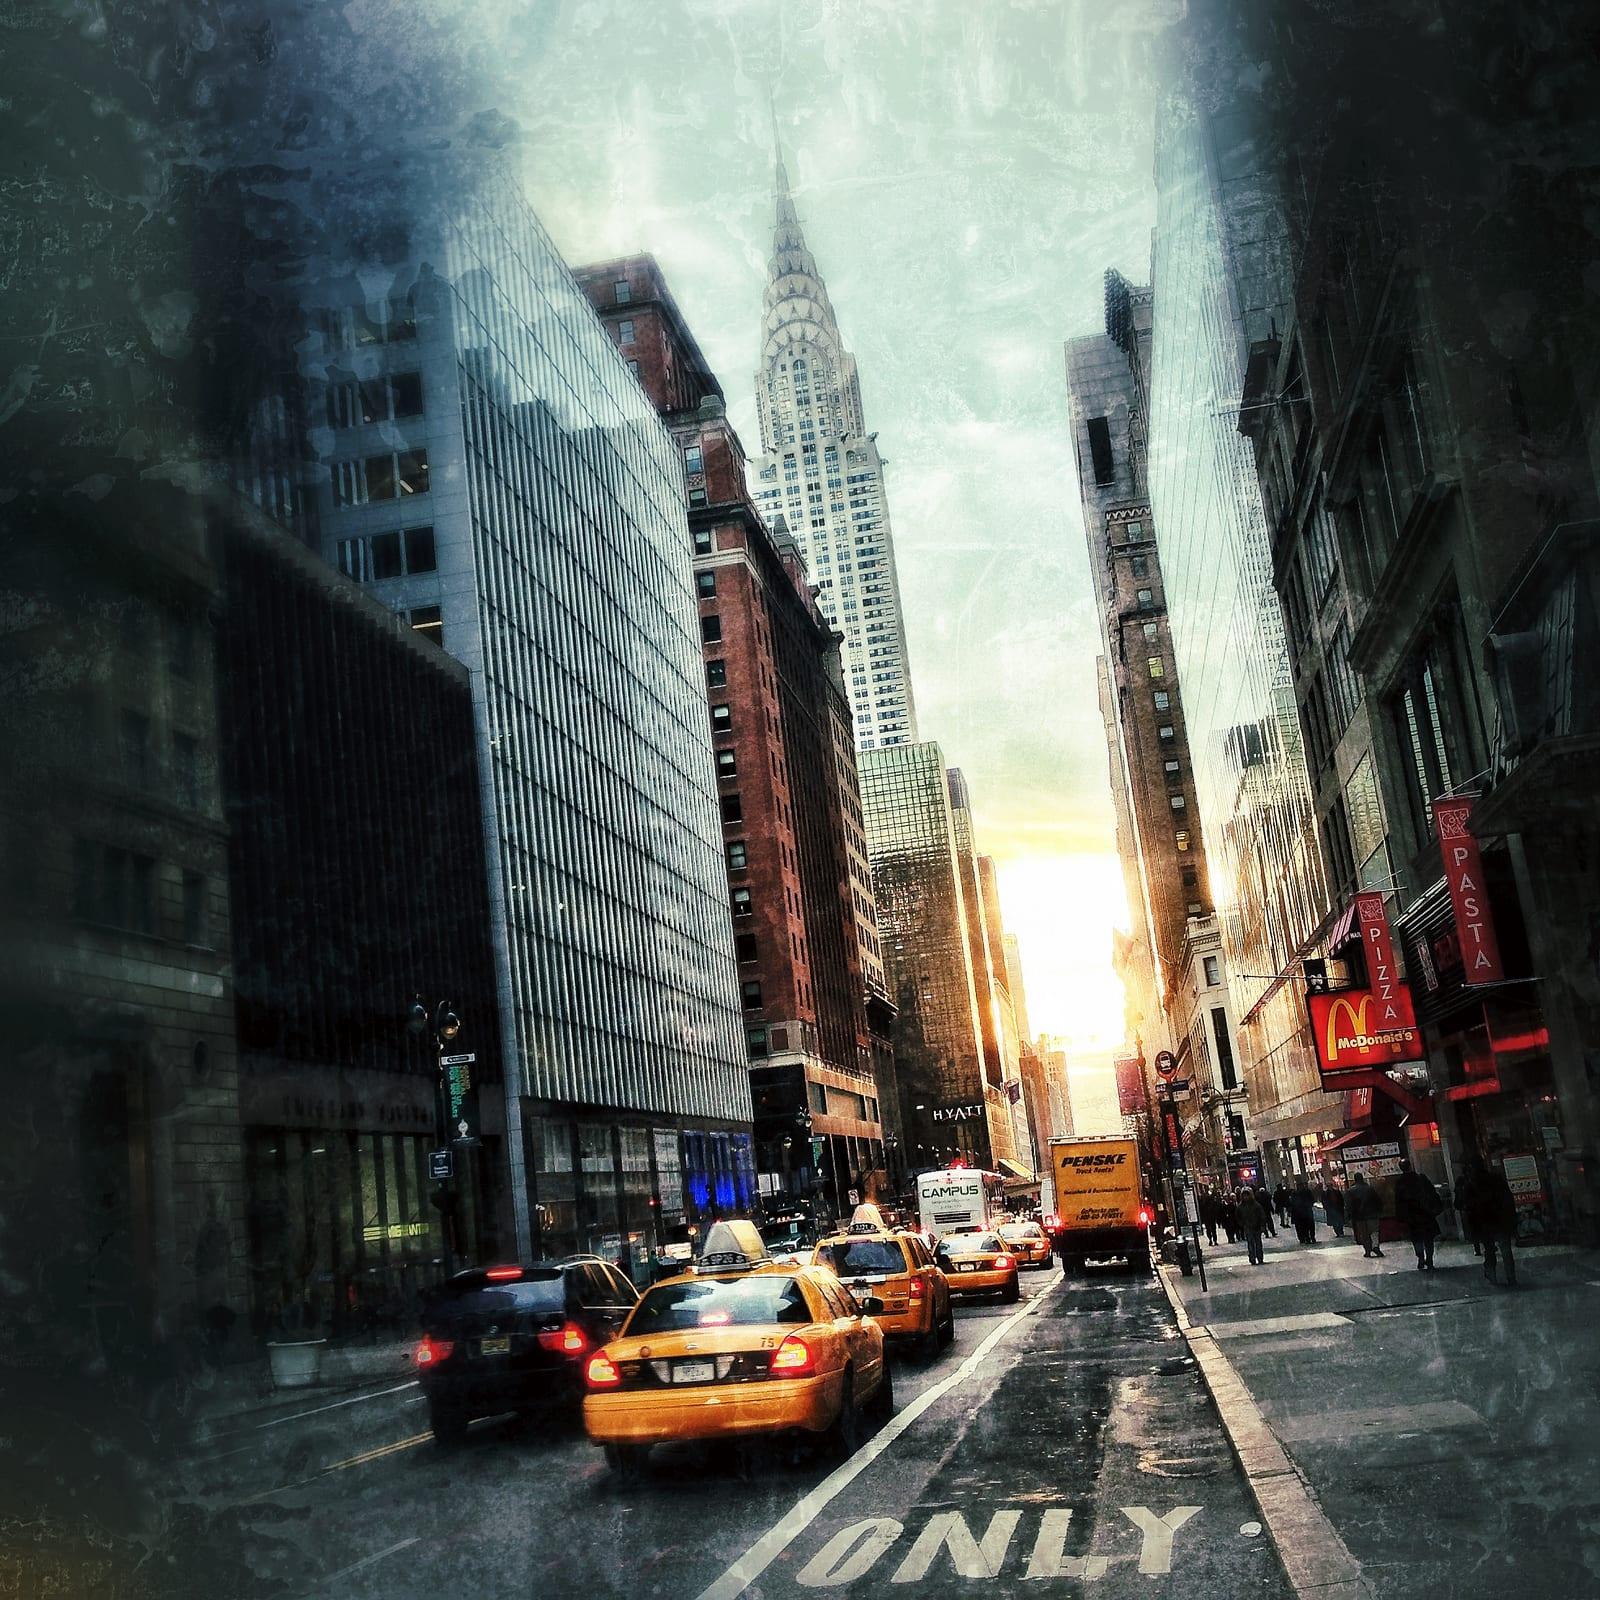 15 Herausforderungen, denen sich die Einwohner New Yorks stellen müssen